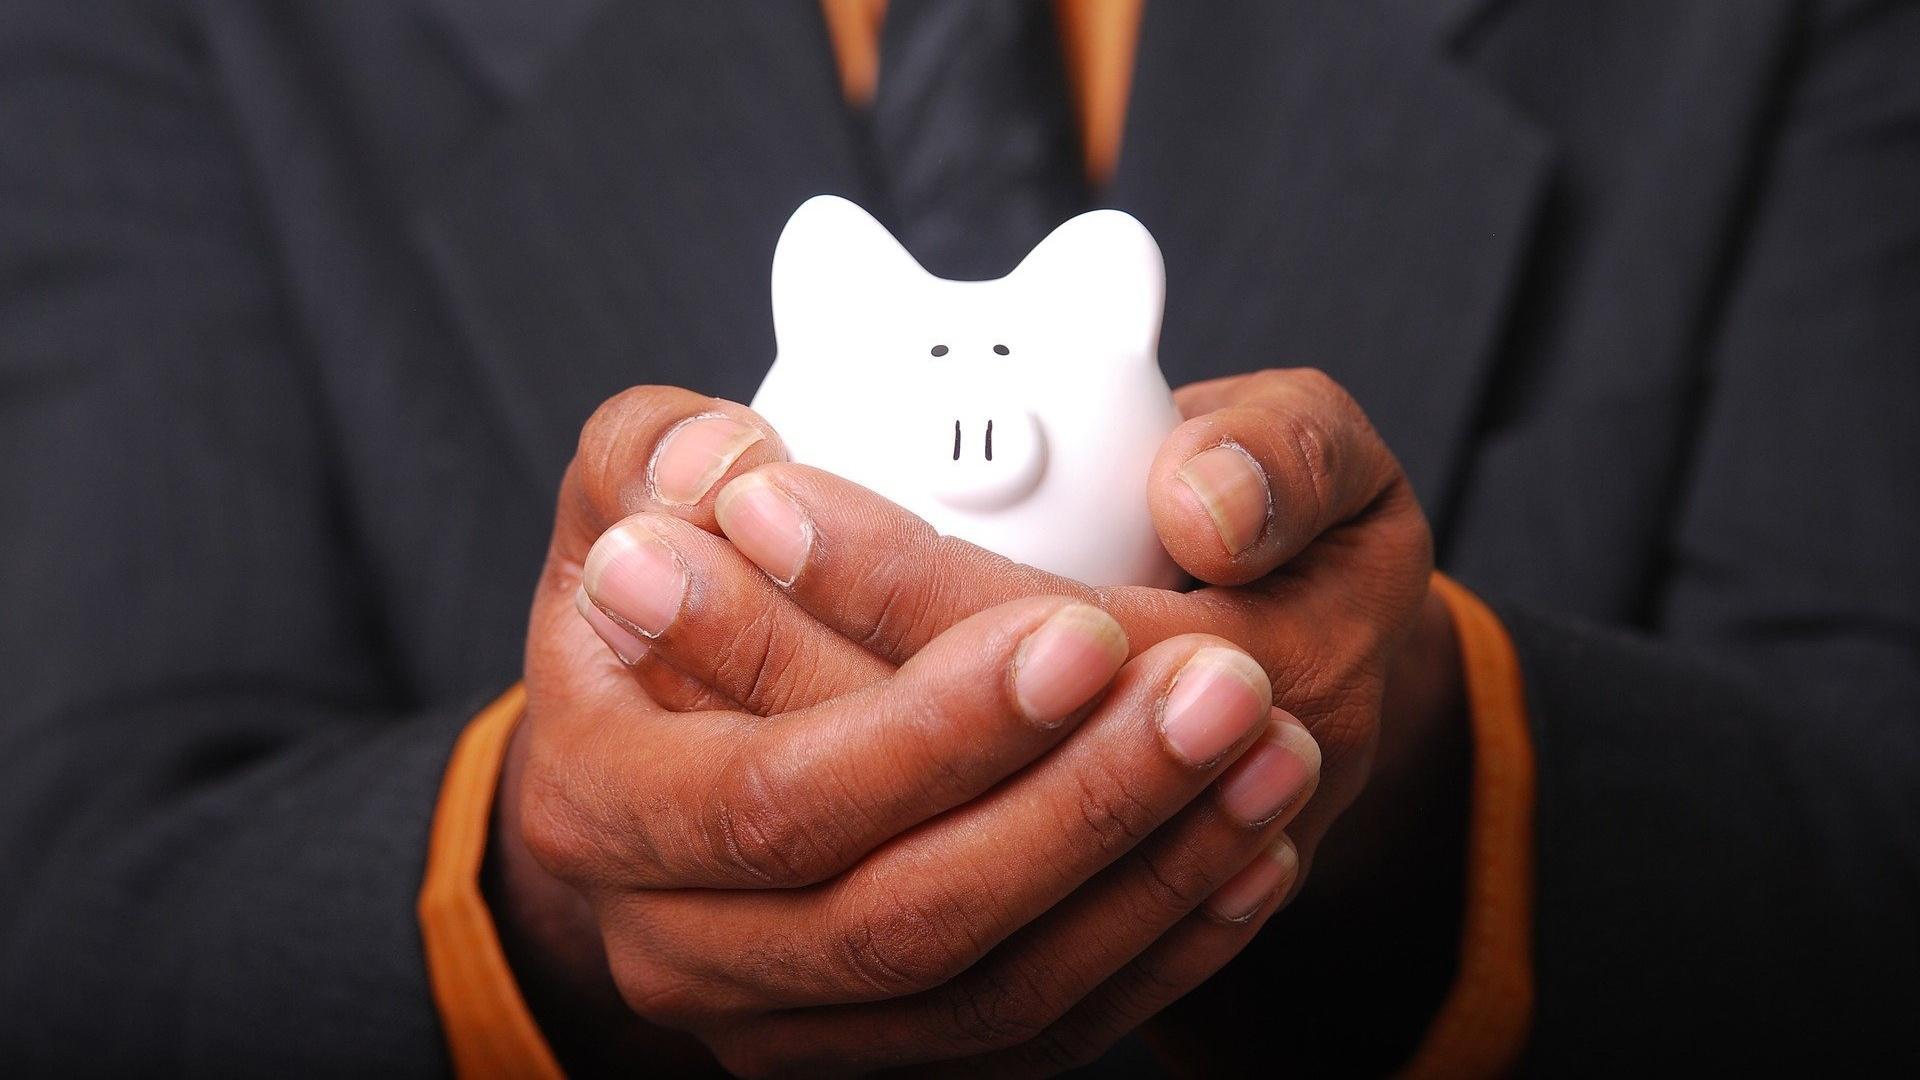 Öffentlicher Dienst: Der Tarifvertrag TVÖD regelt, wer vermögenswirksame Leistungen erhält. Die meisten Beschäftigten haben darauf Anspruch.